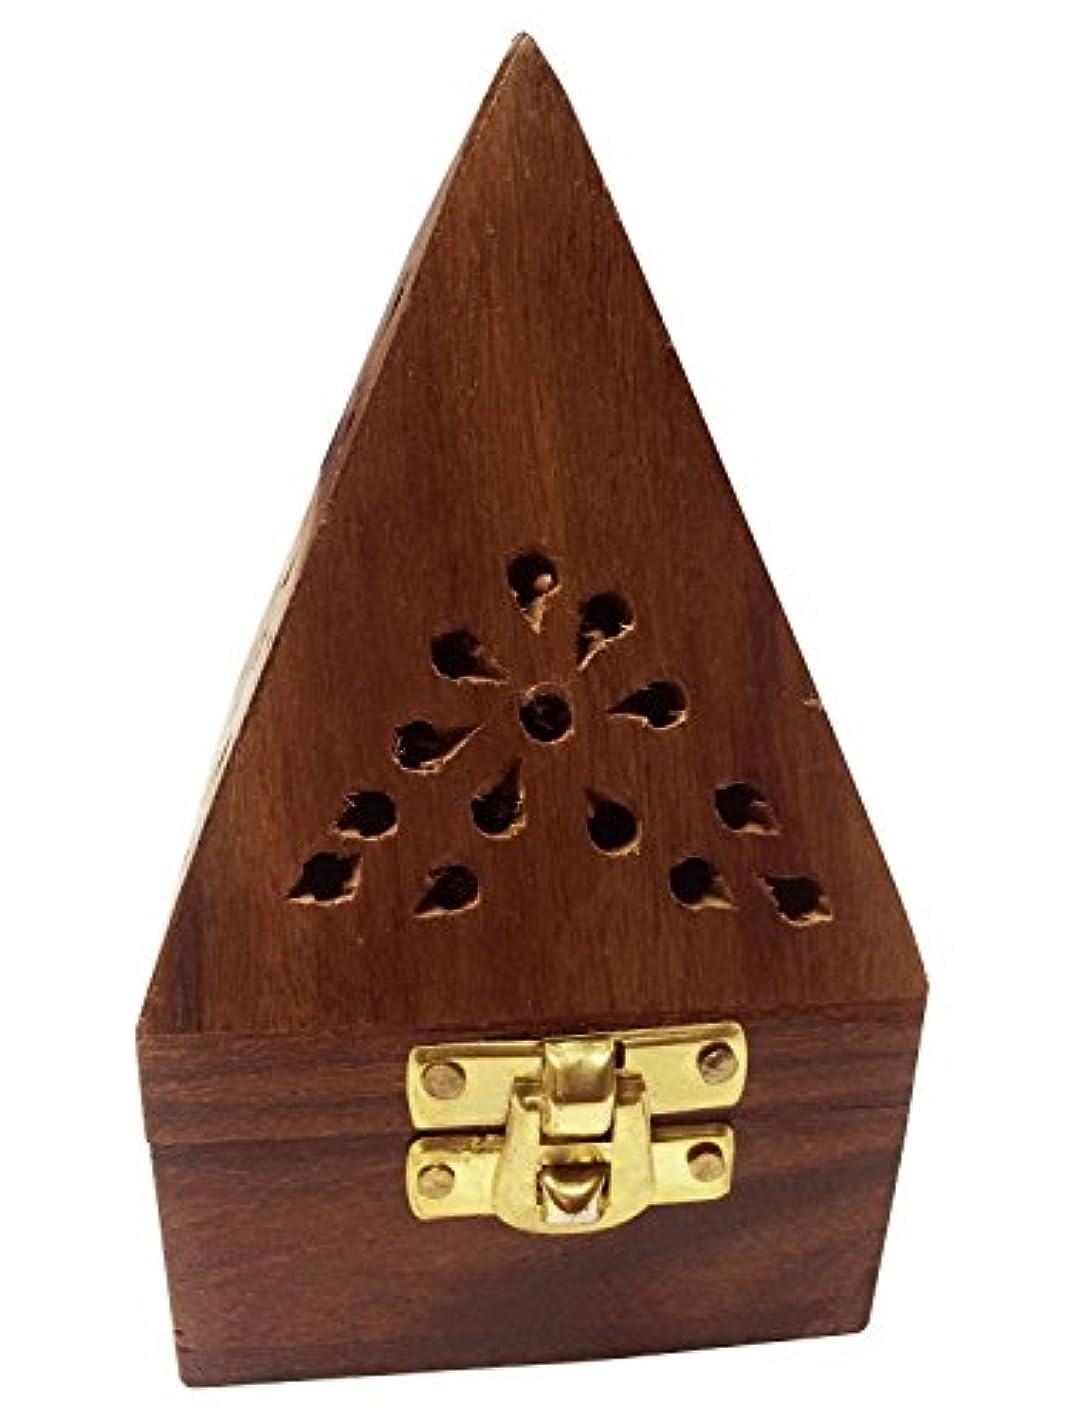 ちなみに無謀心配するクリスマス感謝祭ギフト、7インチ木製クラシックピラミッドスタイルBurner ( Dhoopホルダー) with Base正方形とトップ円錐形状、木製香炉ボックス、木製チャコール/円錐Burner